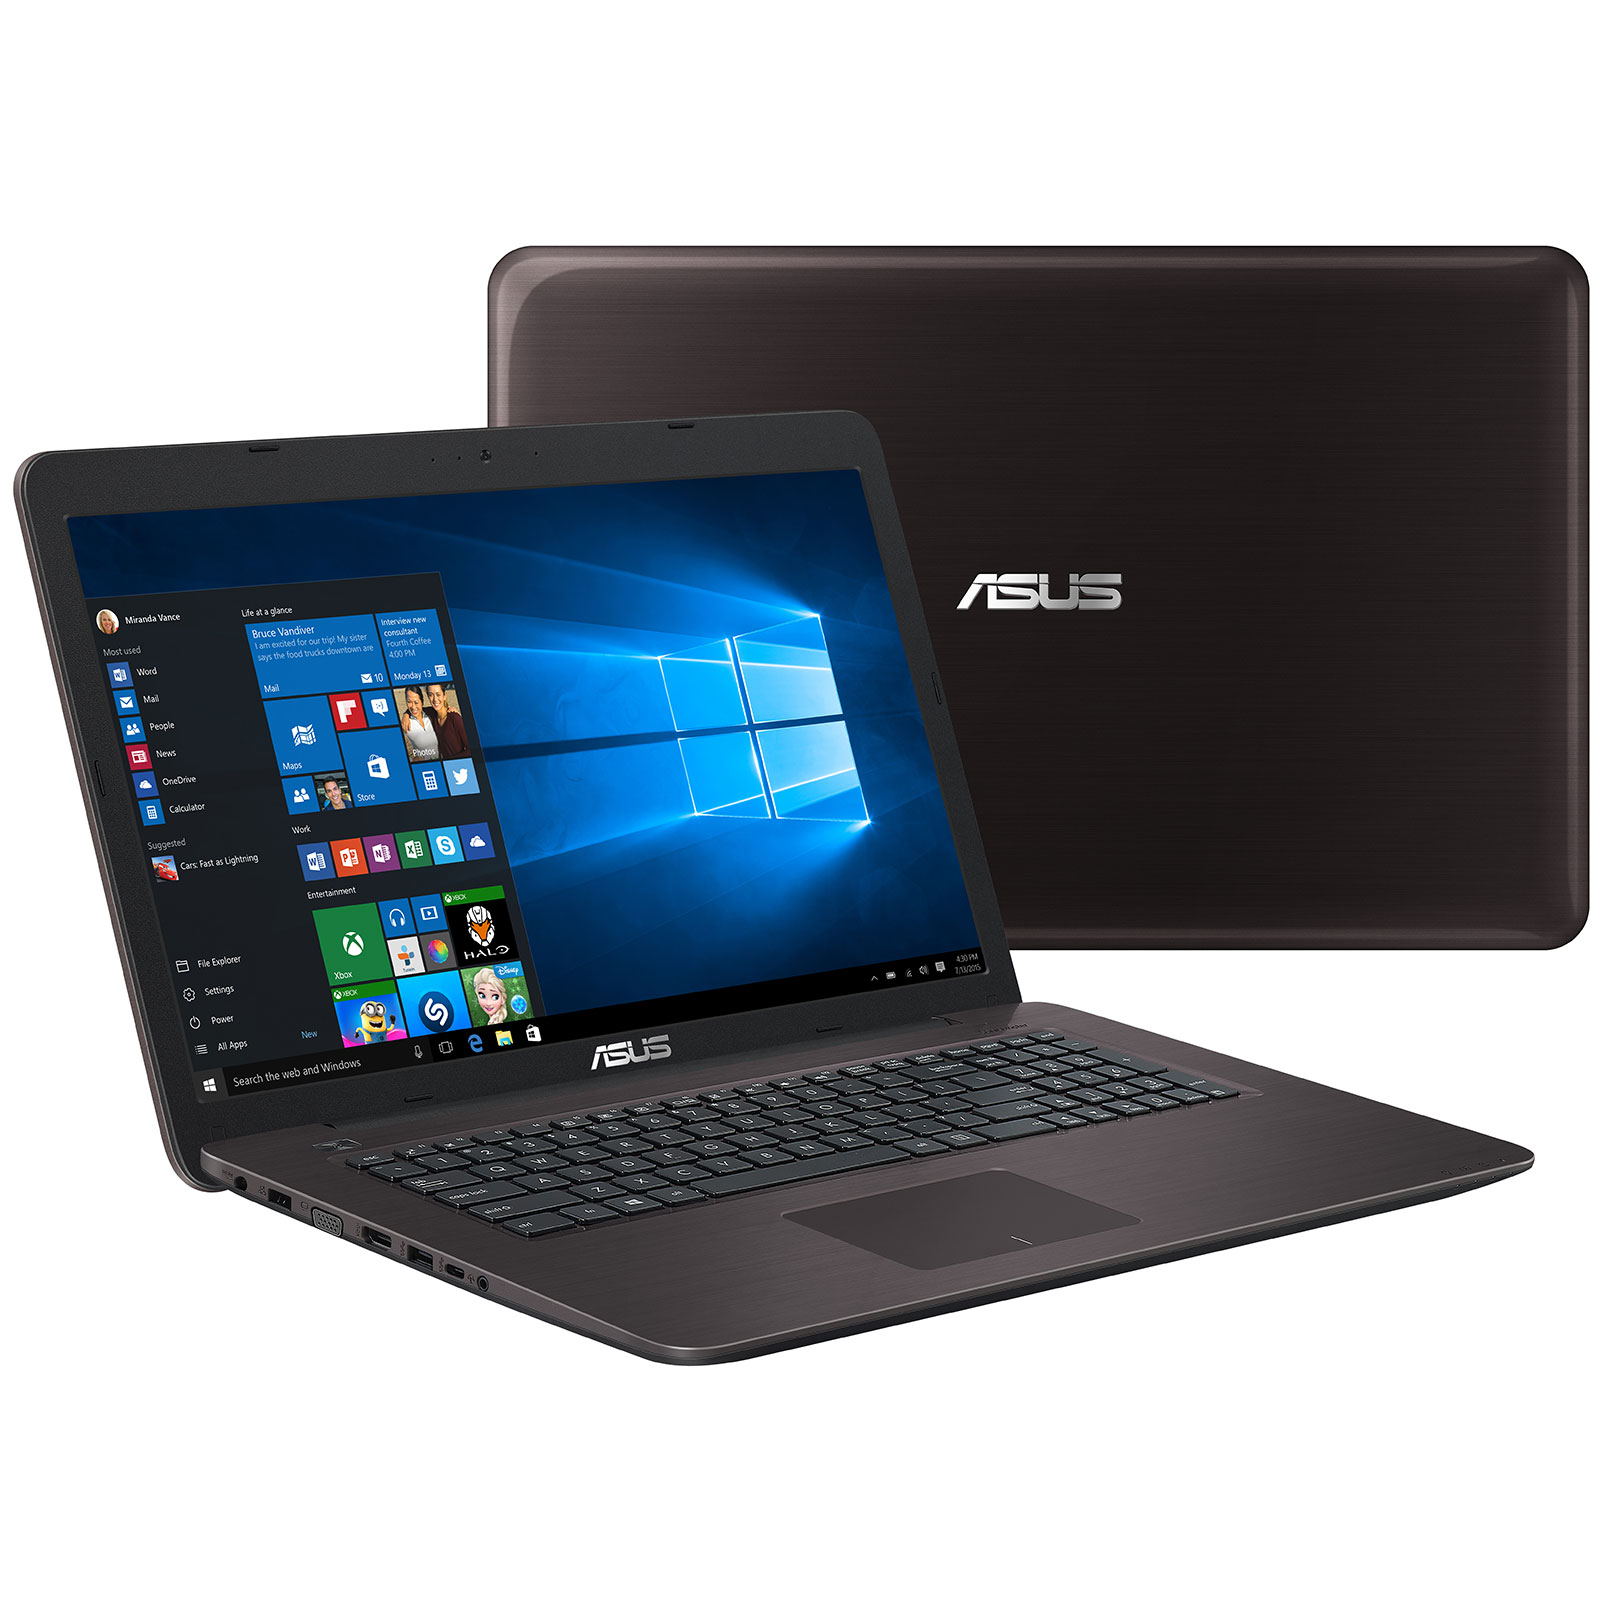 Asus P2740UV-T4328R - PC portable Asus - Cybertek.fr - 0